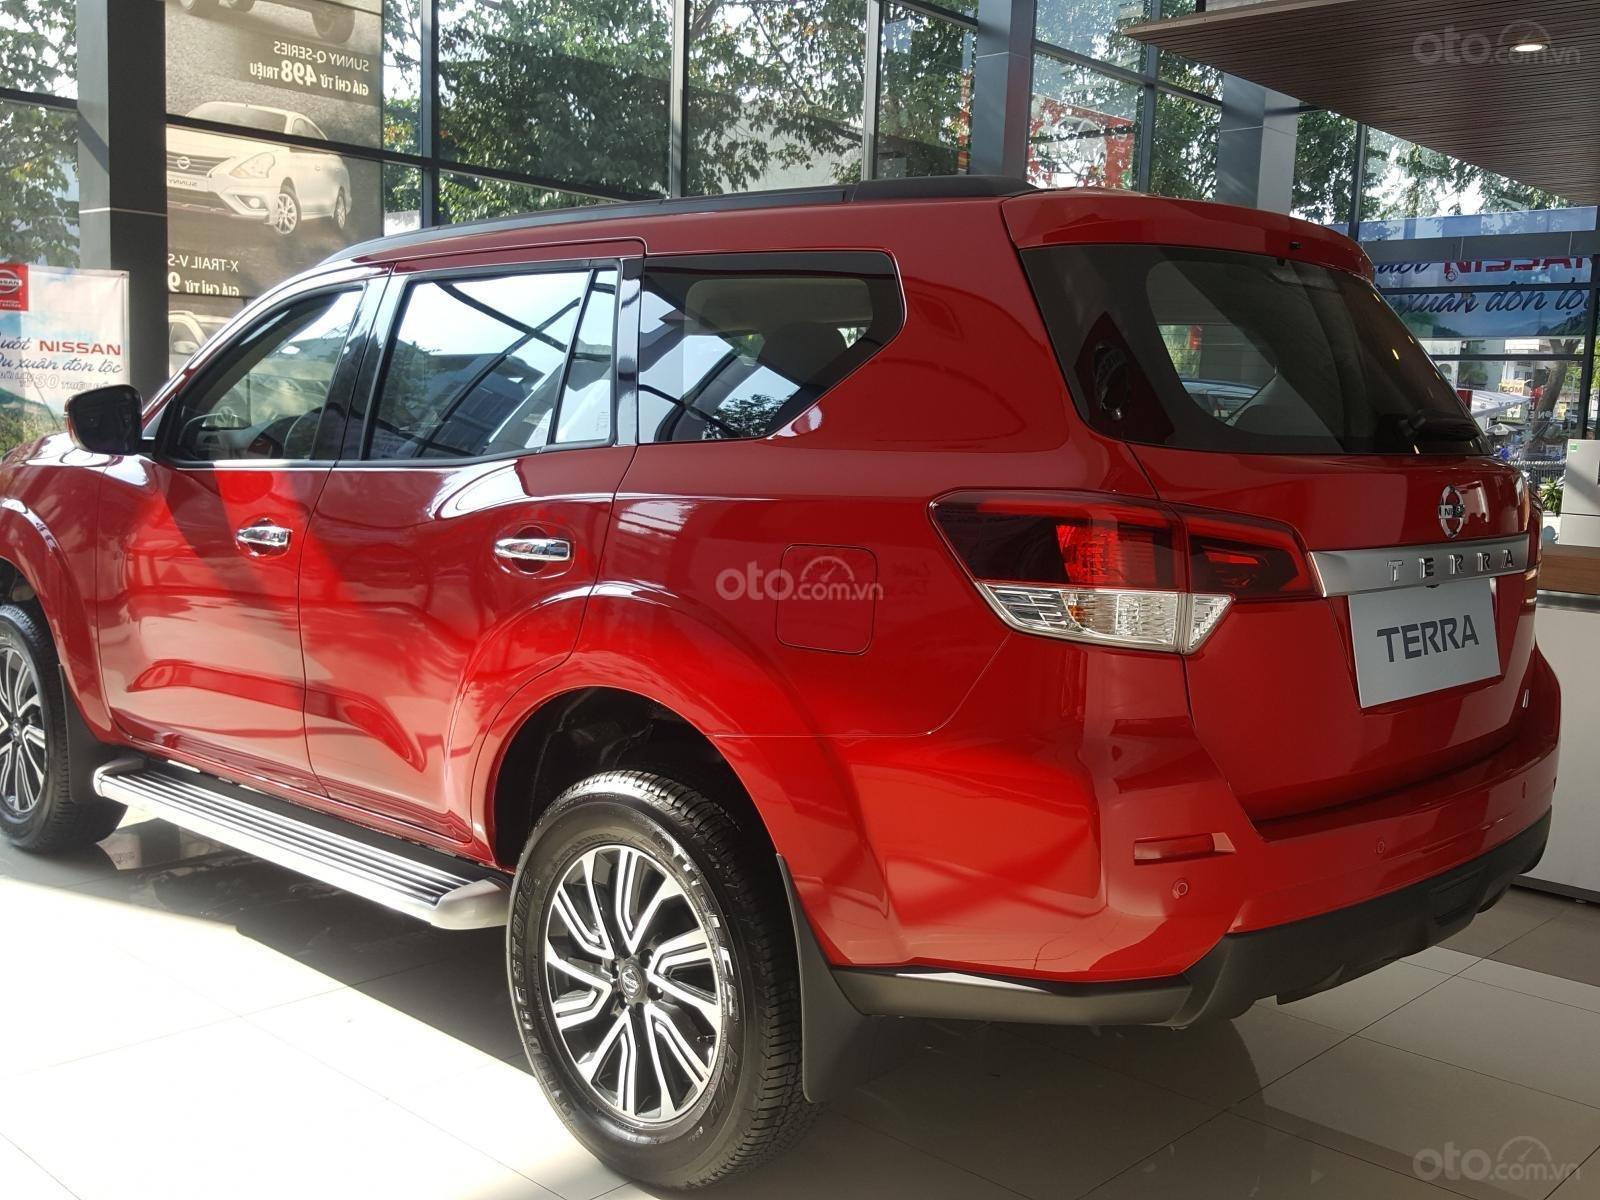 Nissan Terra 1 cầu số tự động 7 chỗ nhập khẩu Thái Lan. Giảm 40 triệu+ quà tặng-2